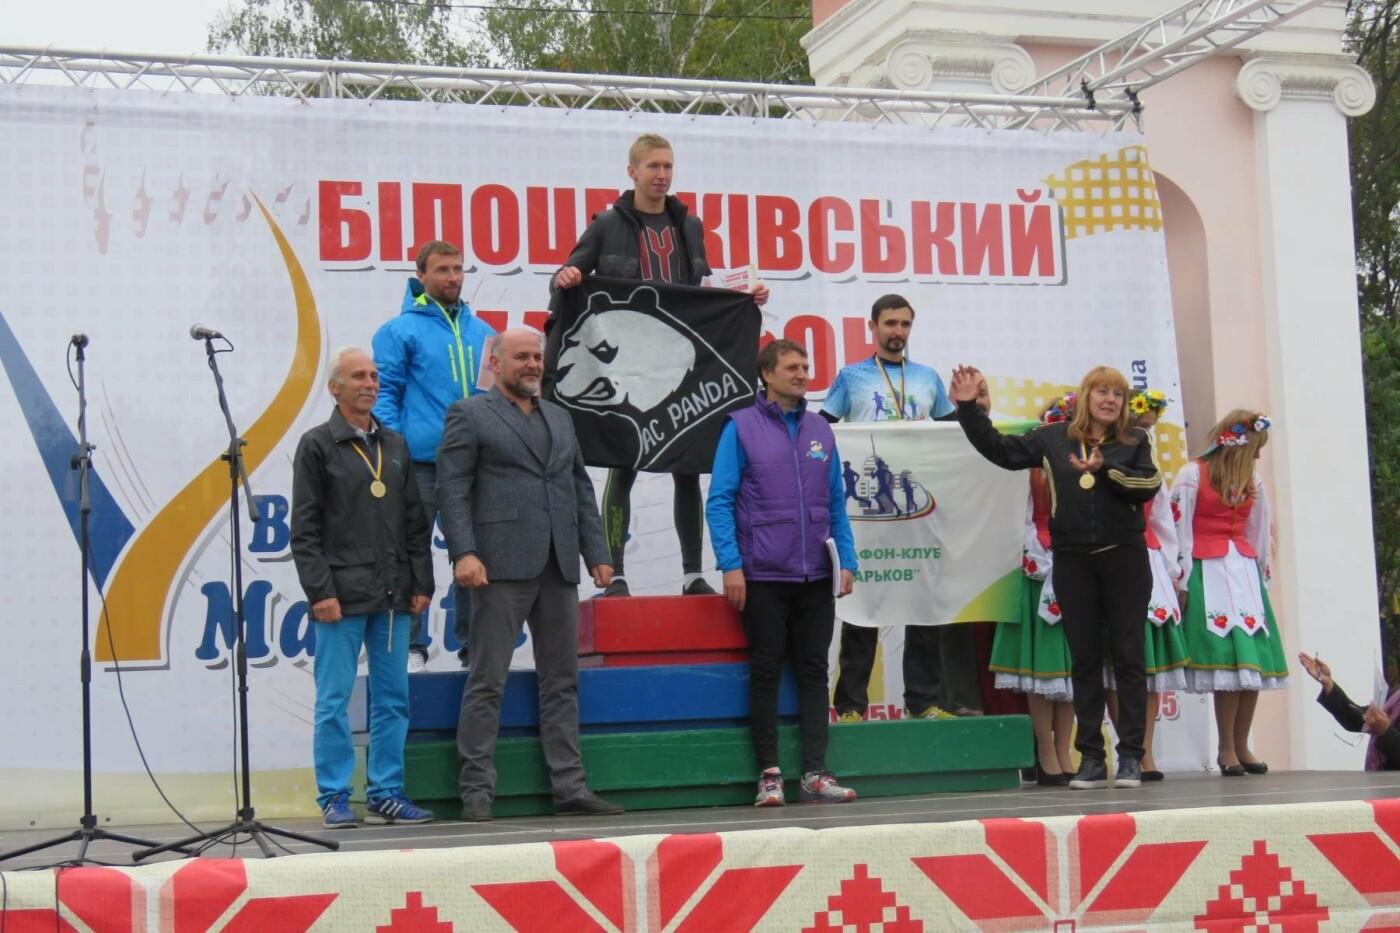 Найстаріший в Україні: як проходив Білоцерківський марафон-2017, фото-28